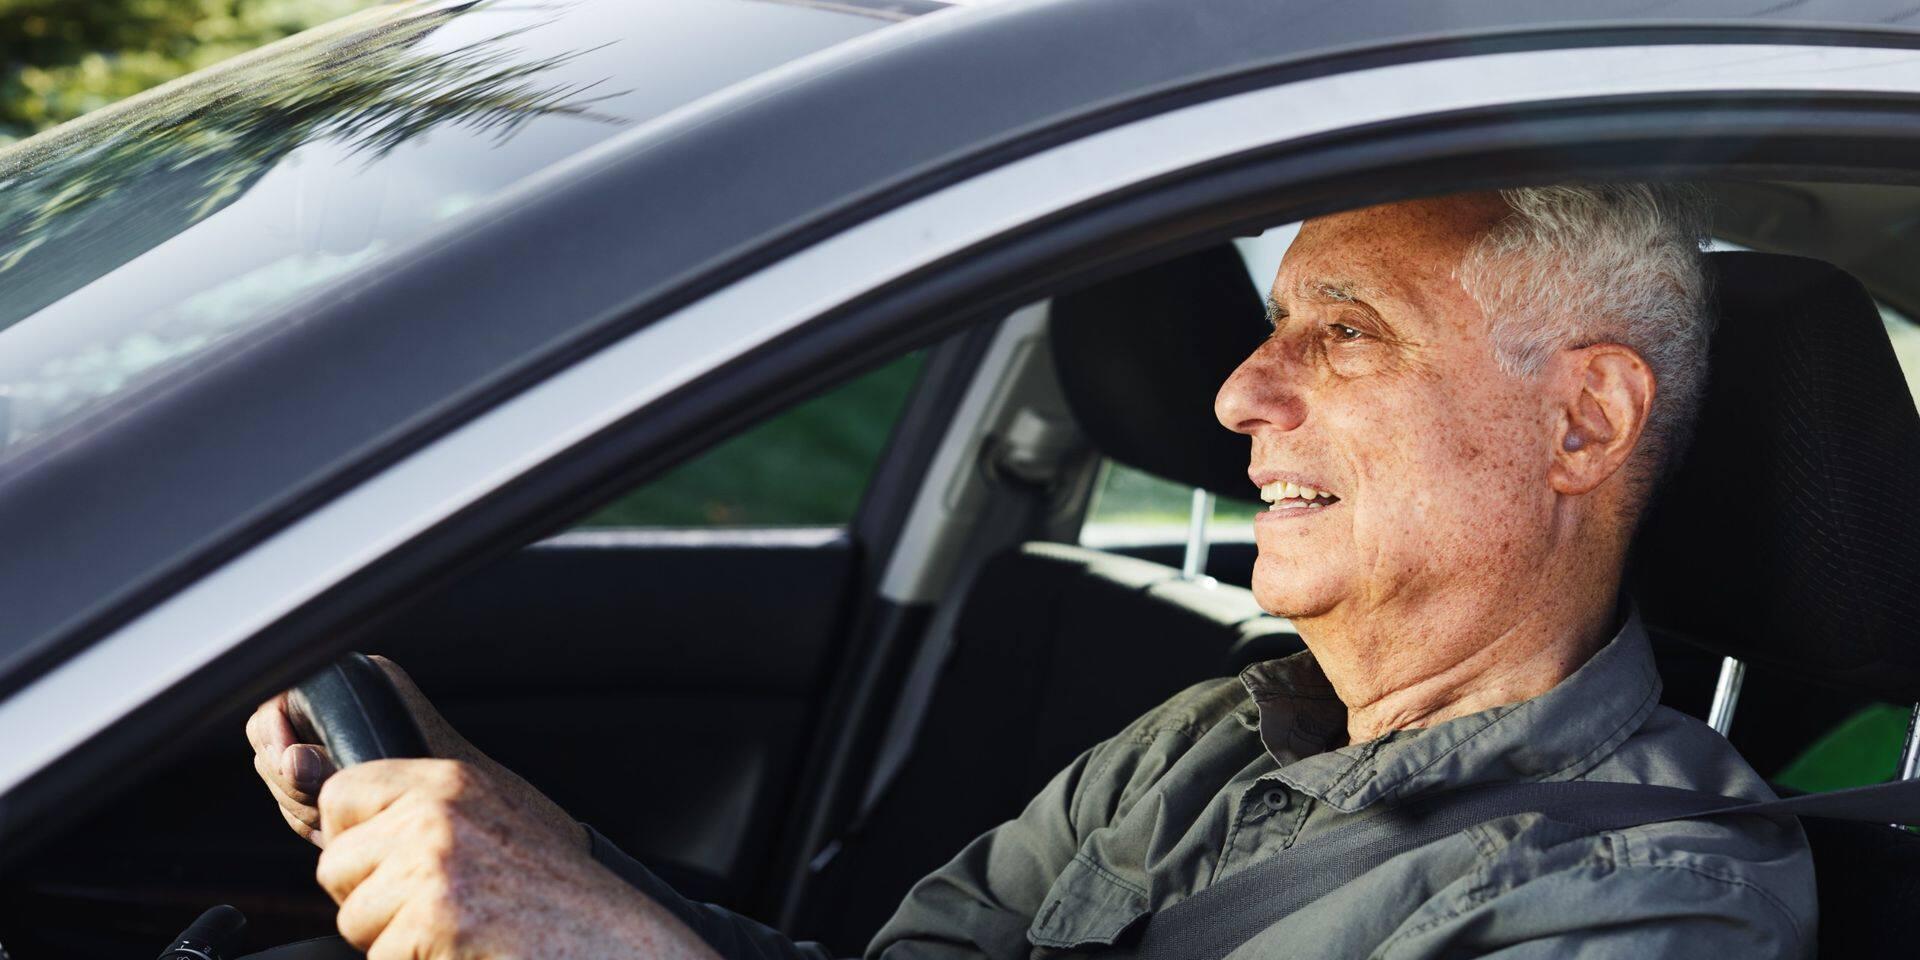 Plus de huit seniors sur dix peuvent encore participer au trafic en toute sécurité